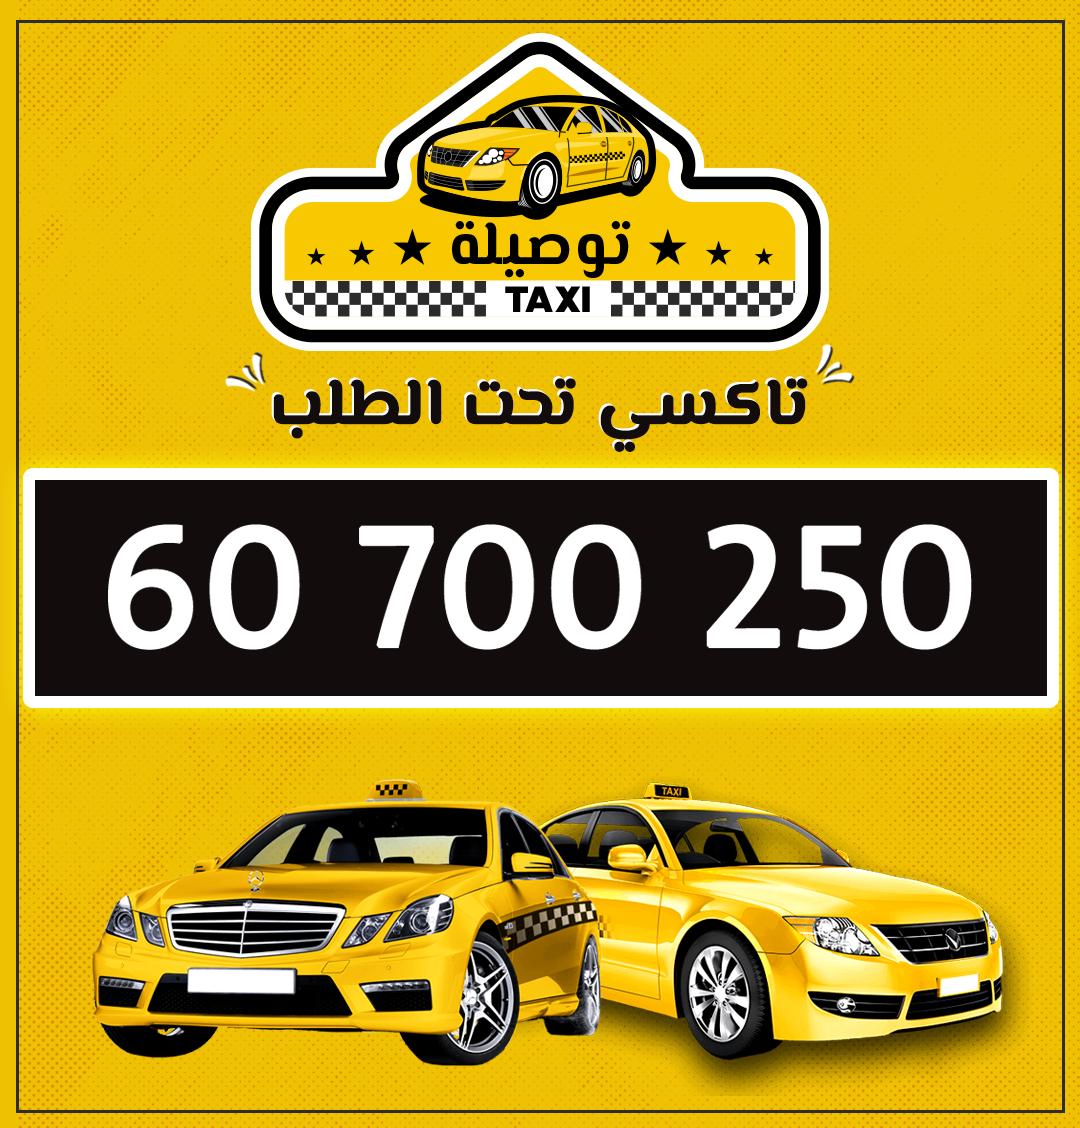 تاكسي توصيلة في شارع عمرو بن العاص